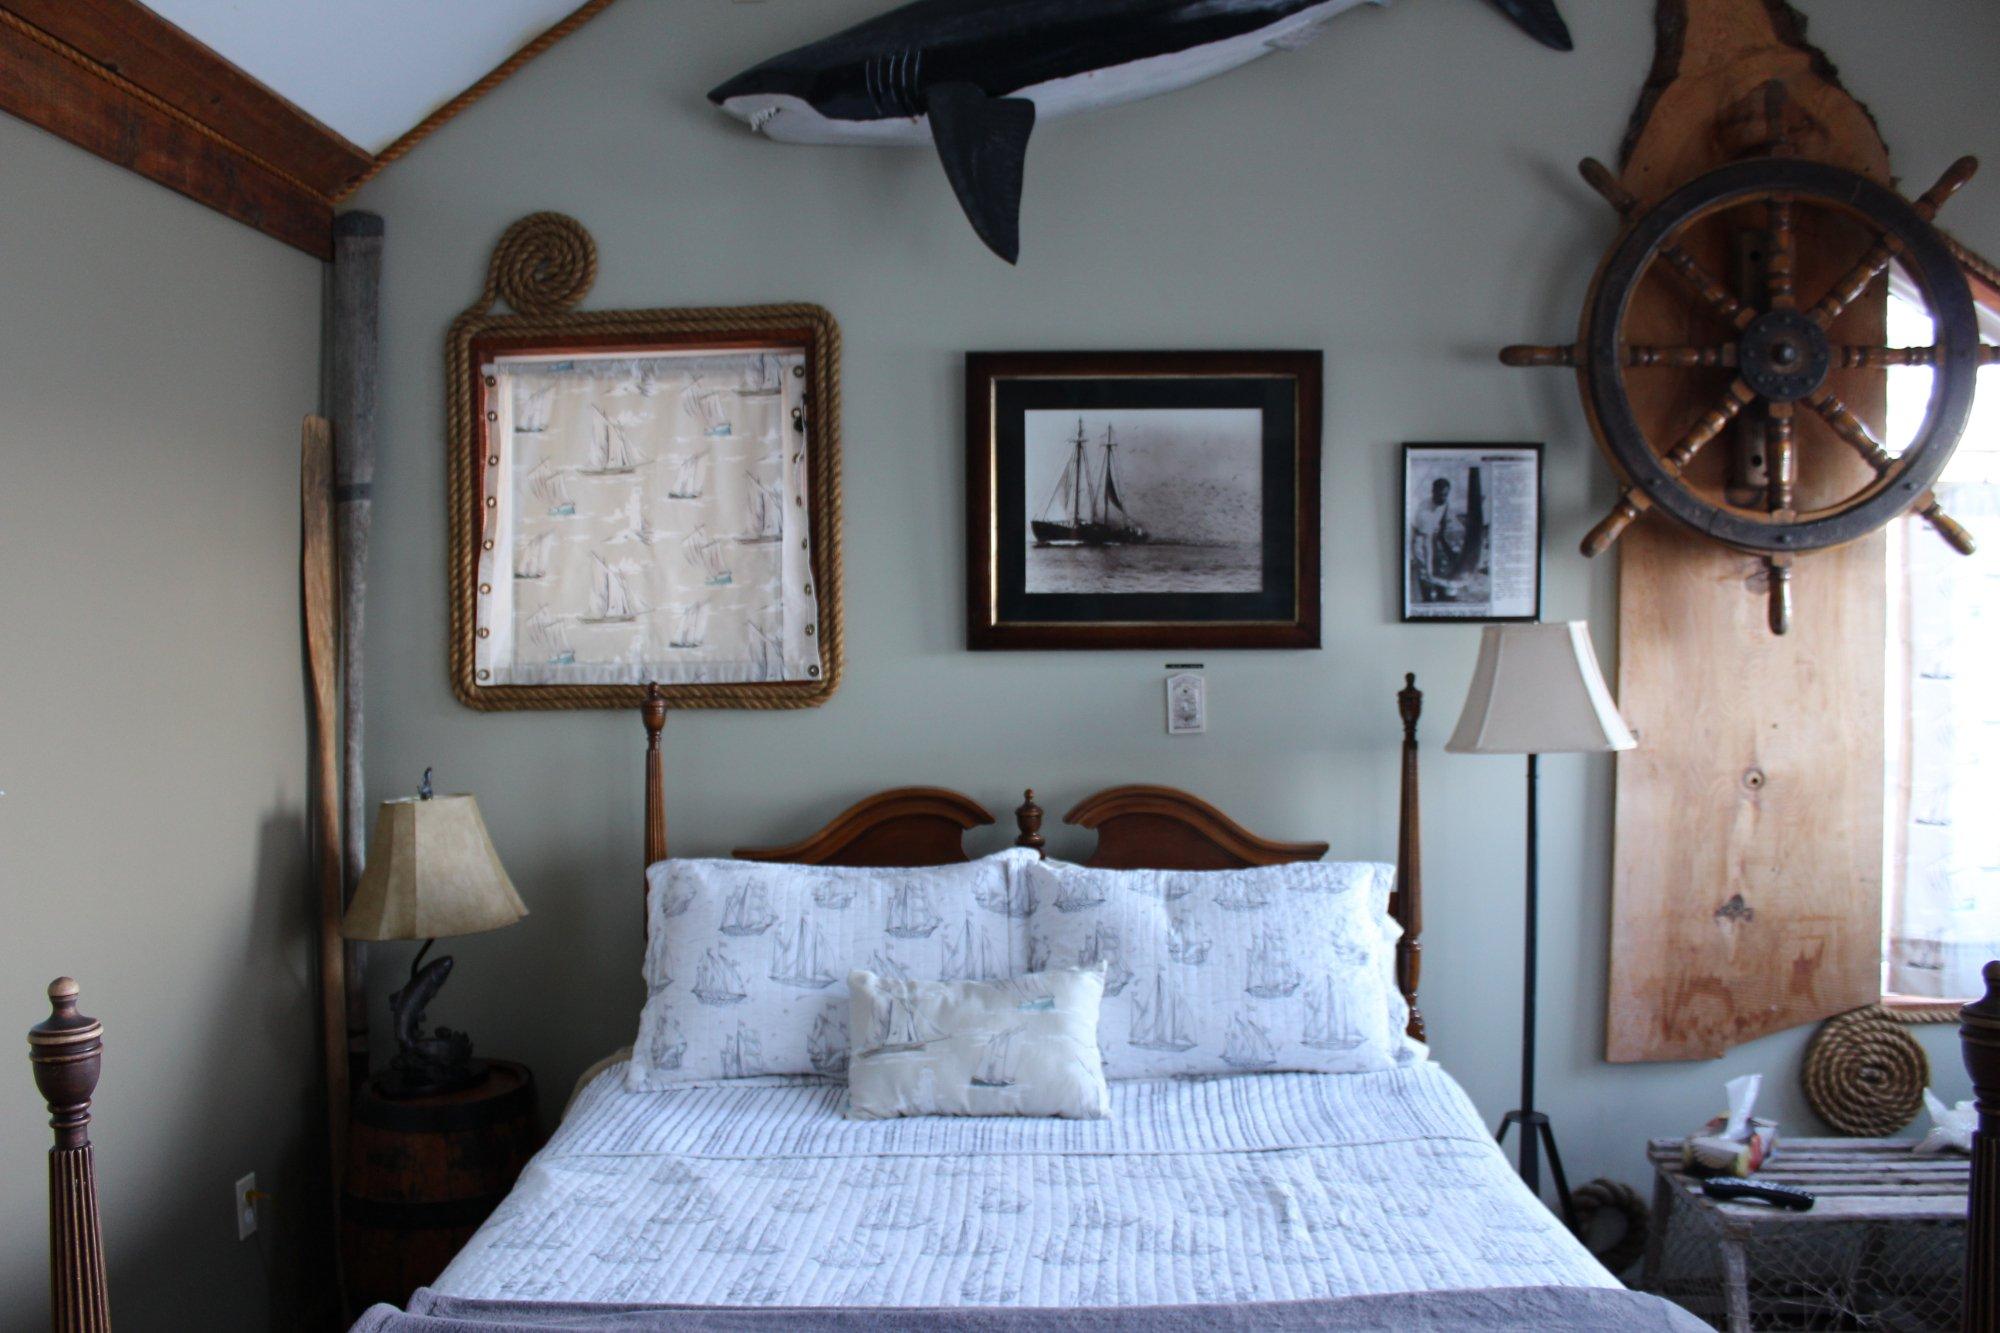 SeaWatch Bed & Breakfast